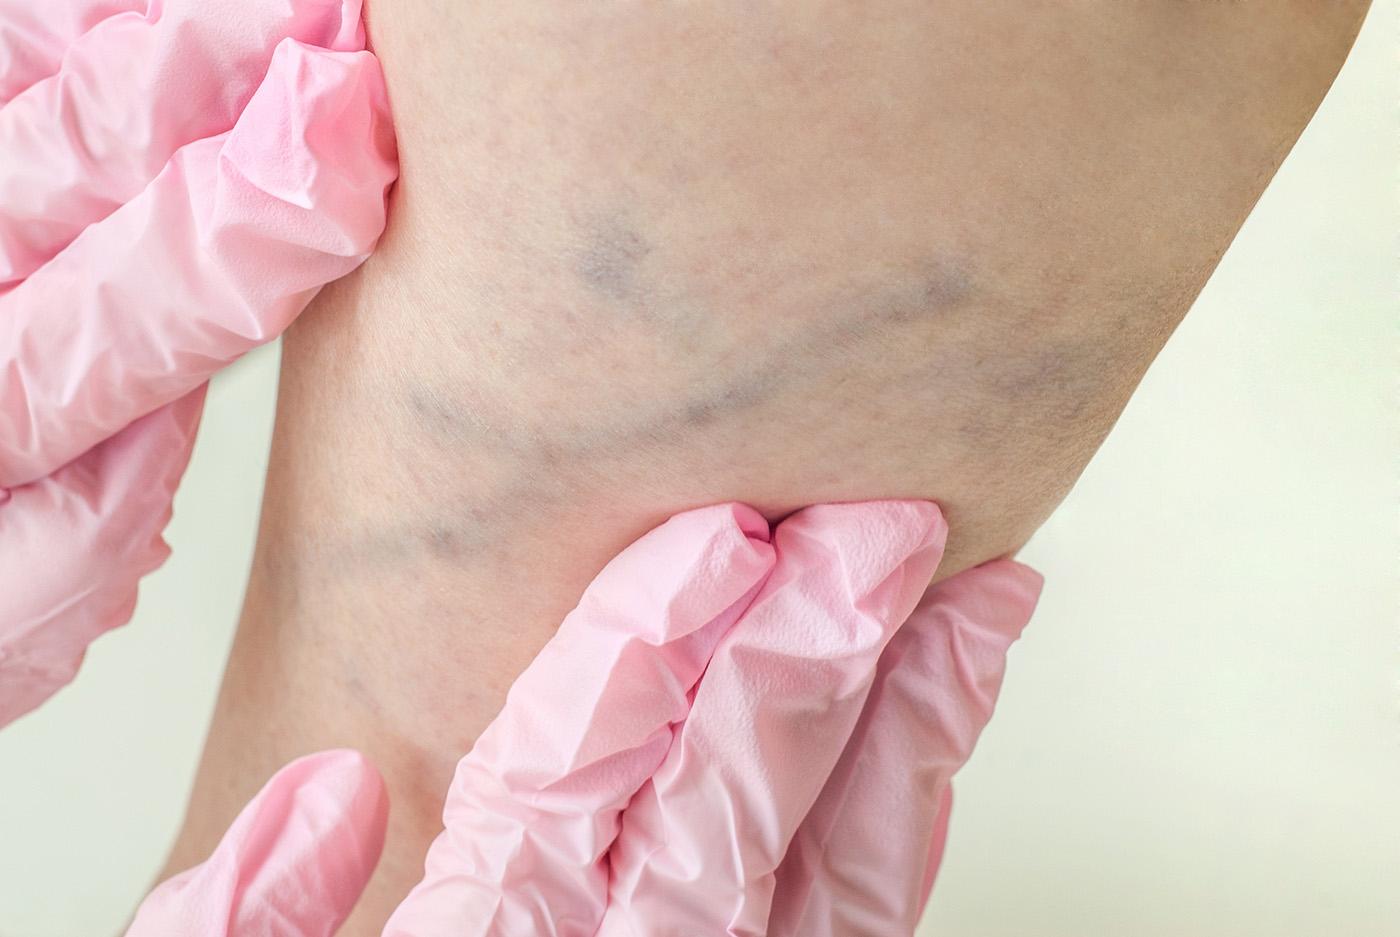 vénás trombózis kezelése visszérrel